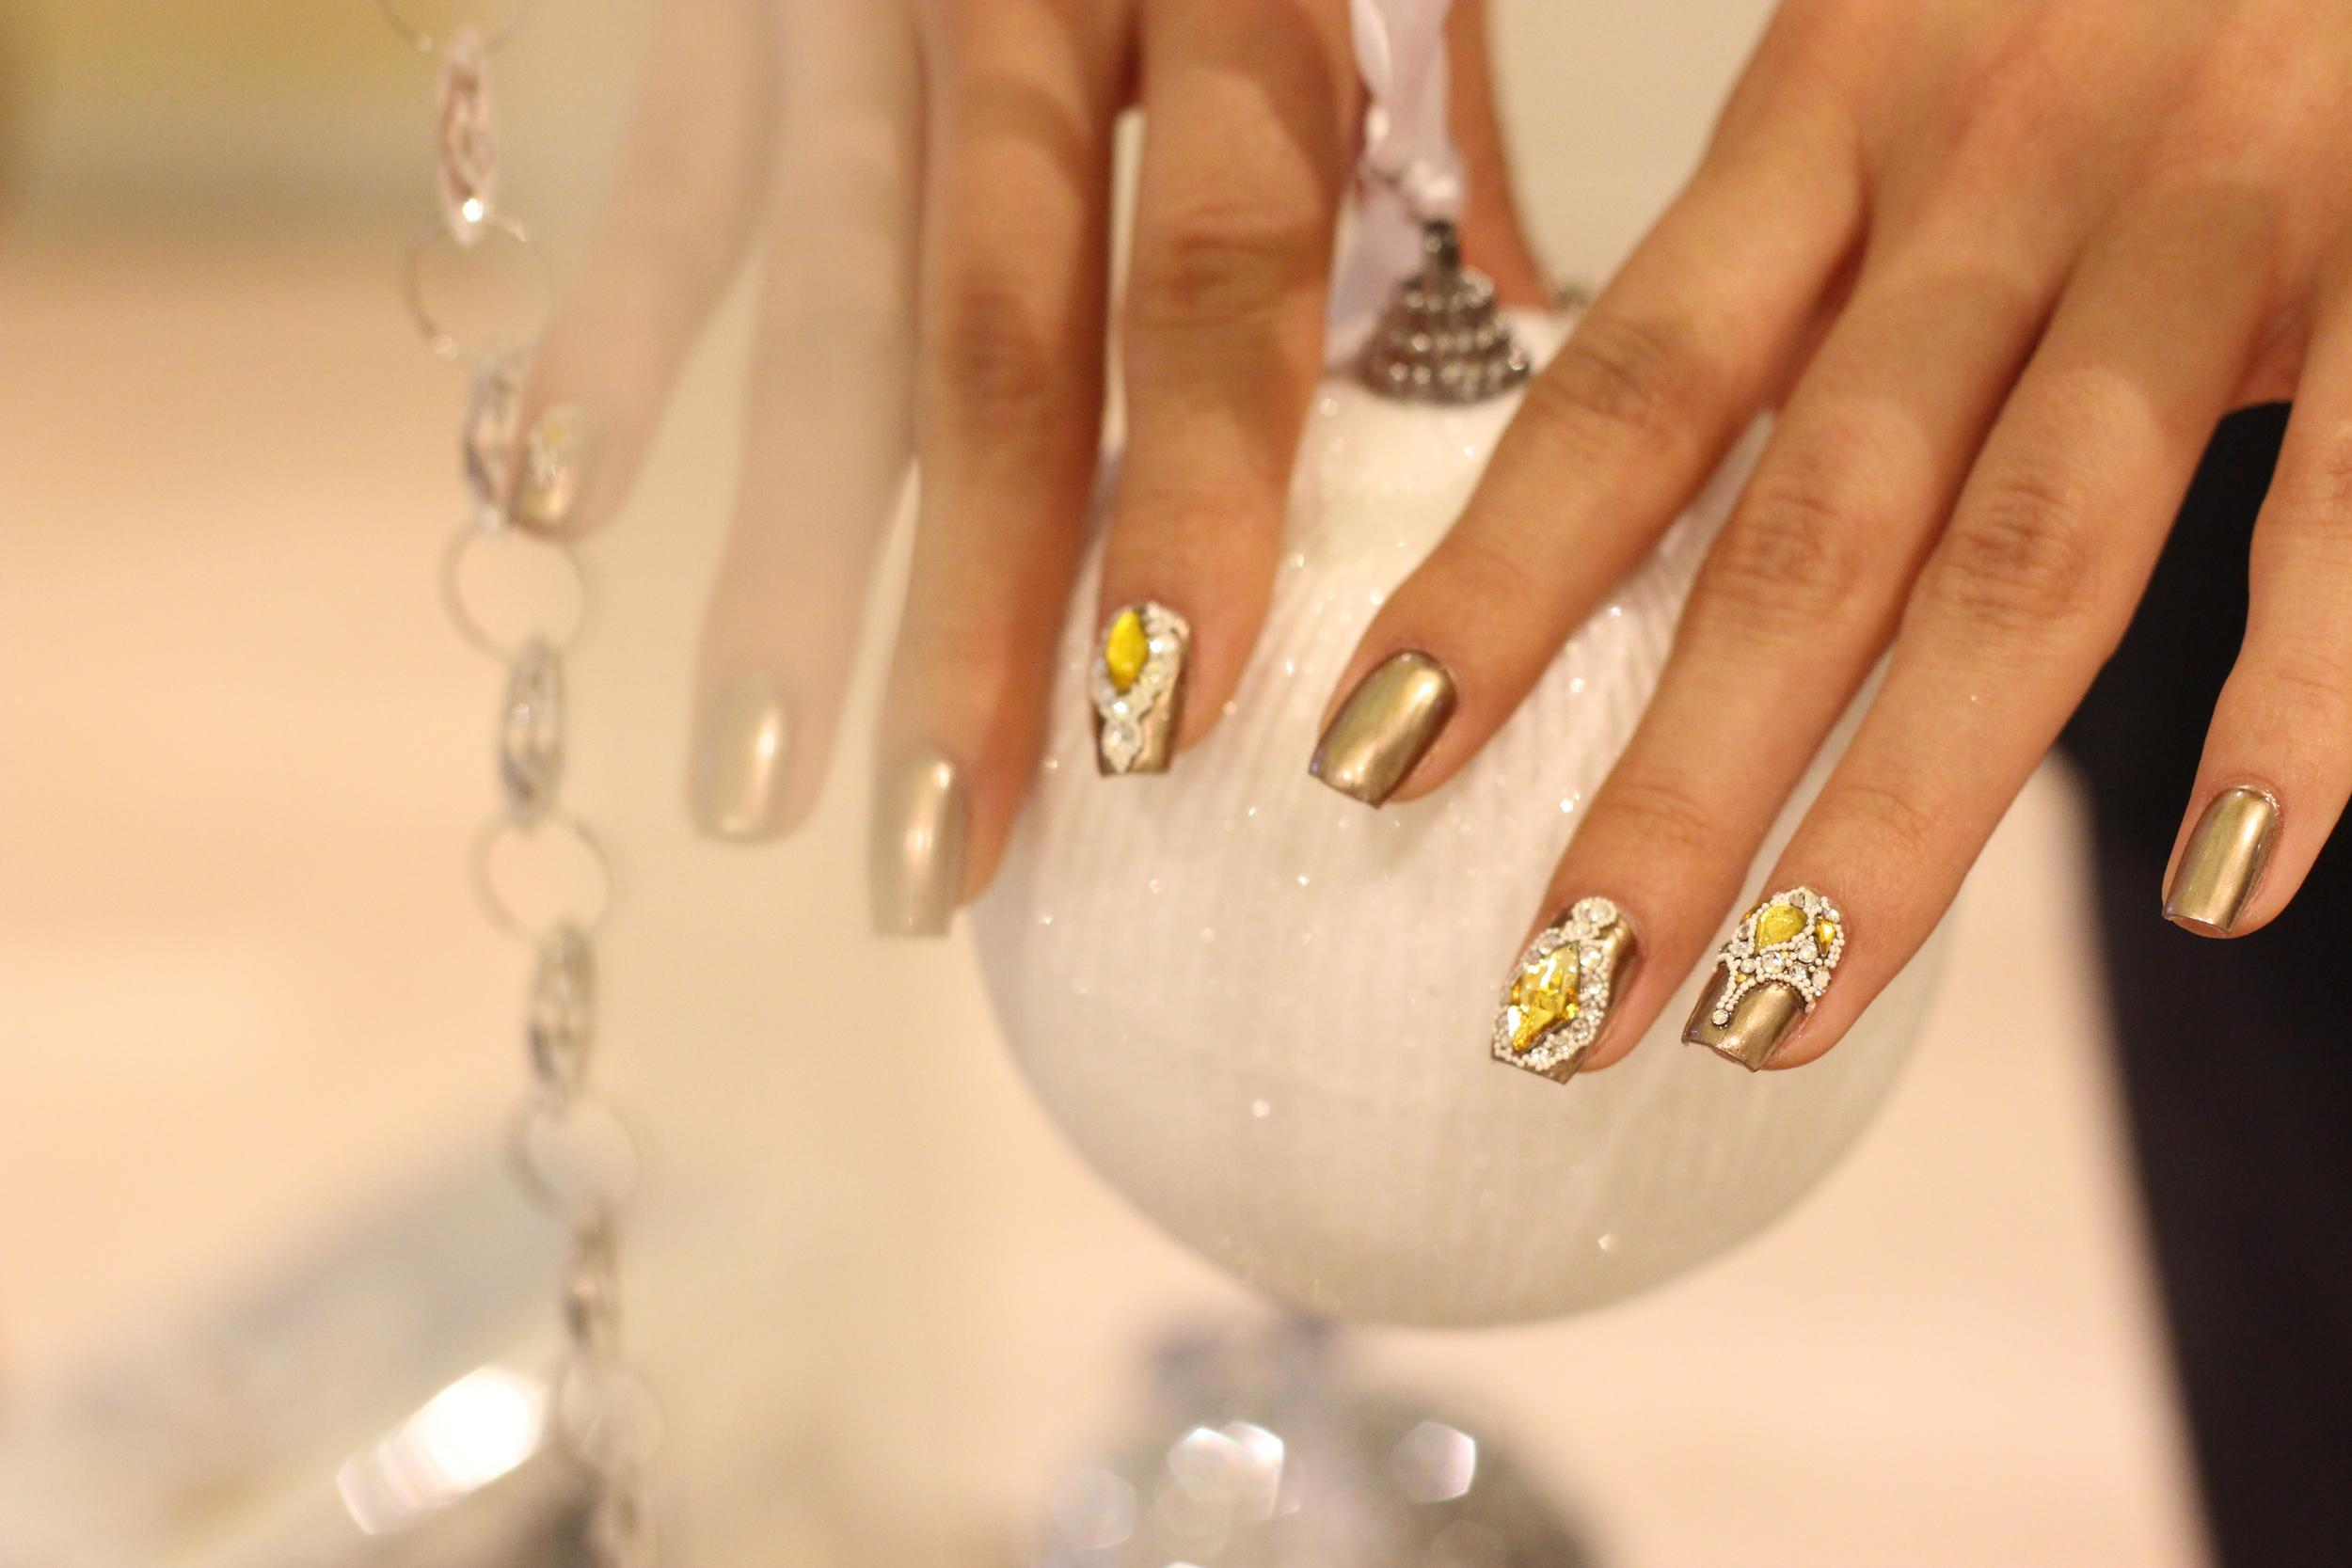 Nail Art Studio by Lore